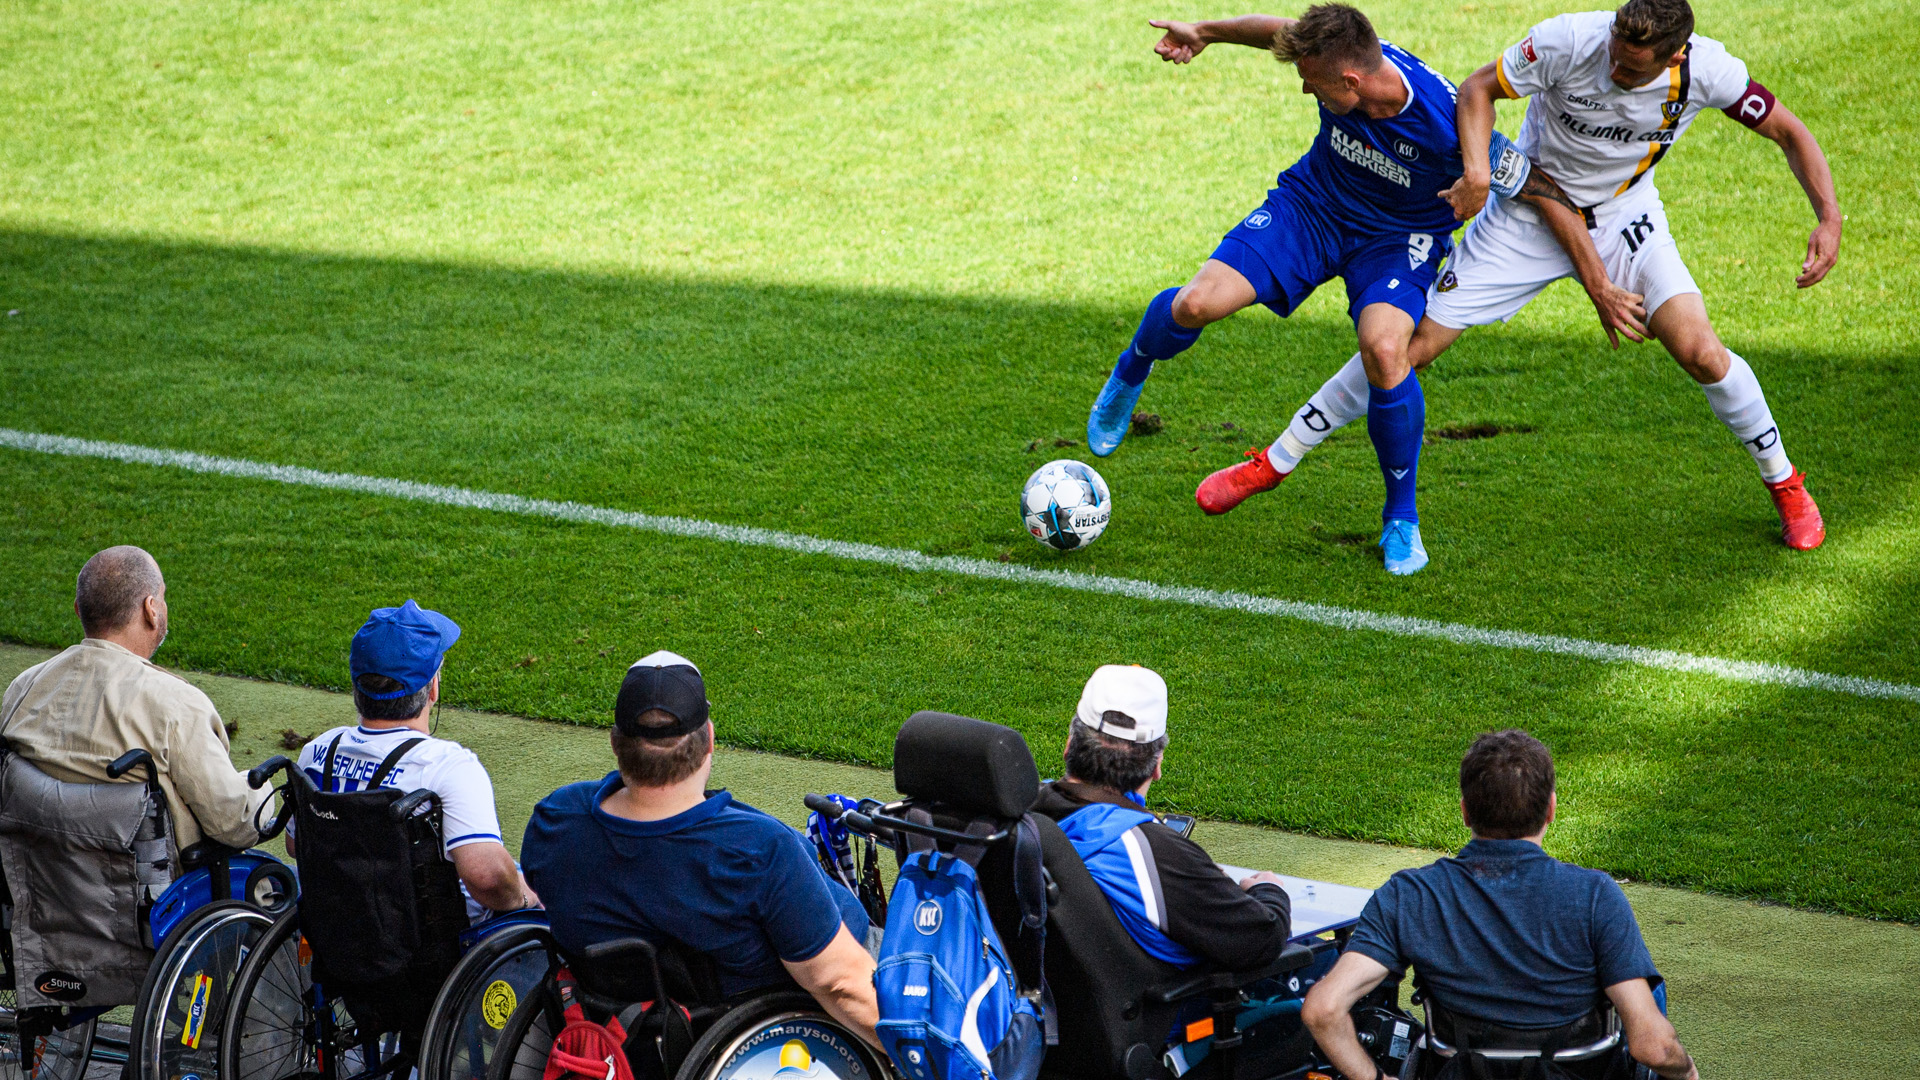 Fans im Rollstuhl verfolgen im Karlsruher Wildparkstadion am Spielfeldrand sitzend einen Zweikampf zwischen KSC- Spieler Marvin Pourie und dem Spieler Jannik Müller von der SG Dynamo Dresden, der die Kapitänsbinde trägt.